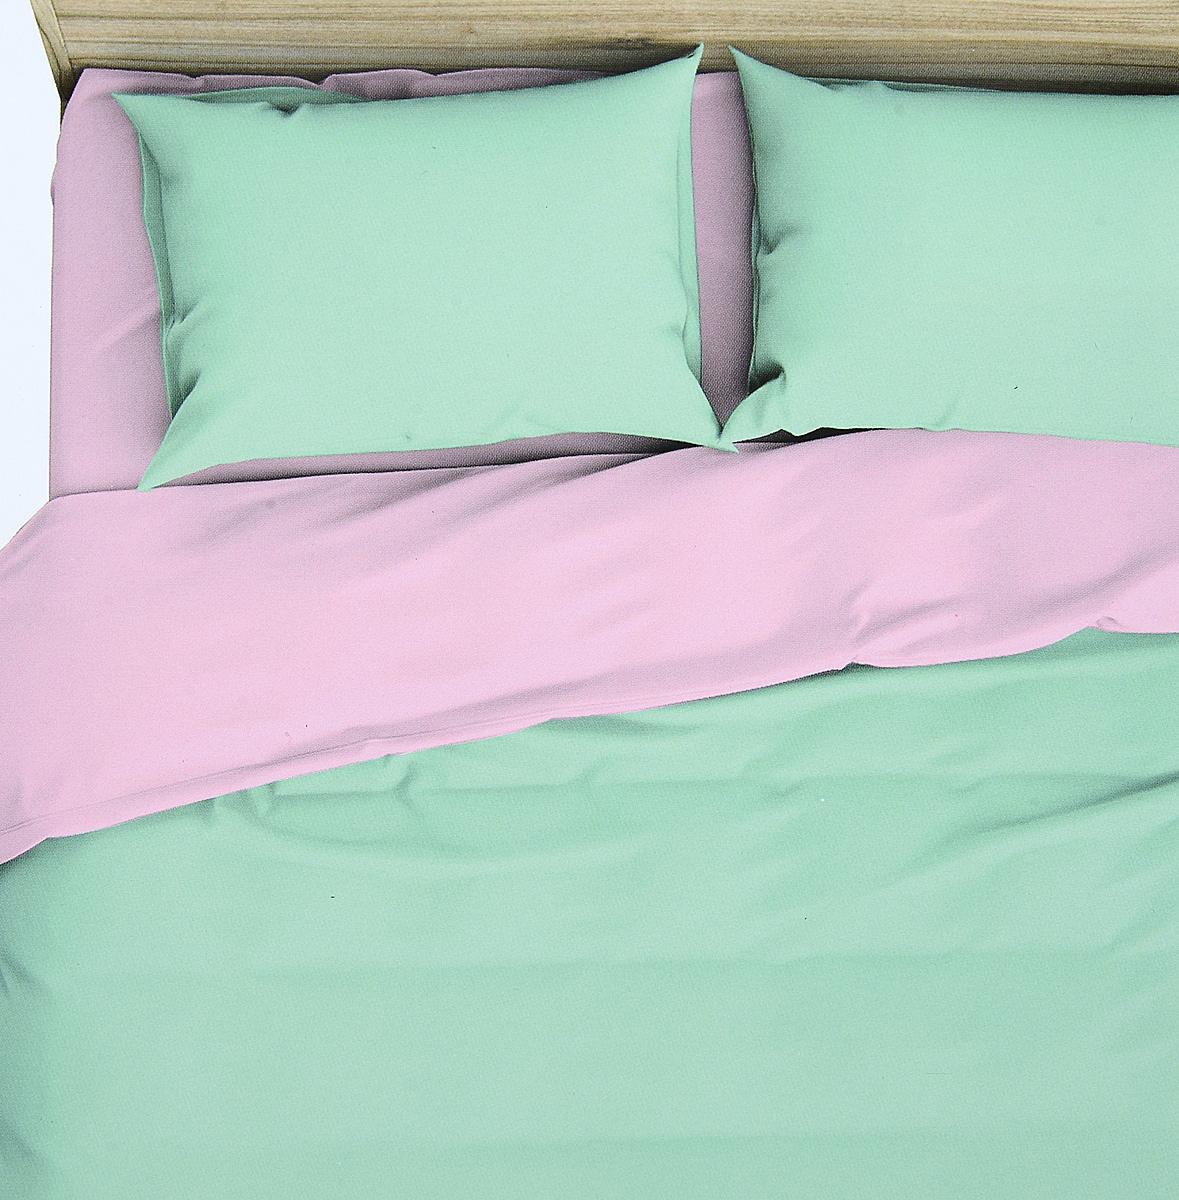 Комплект белья Василиса Мятная дымка, 2-спальный, наволочки 70x70, цвет: зеленый, розовый. 363 люстра максисвет универсал 3 х e14 60w 1 8594 3 wa cr e14